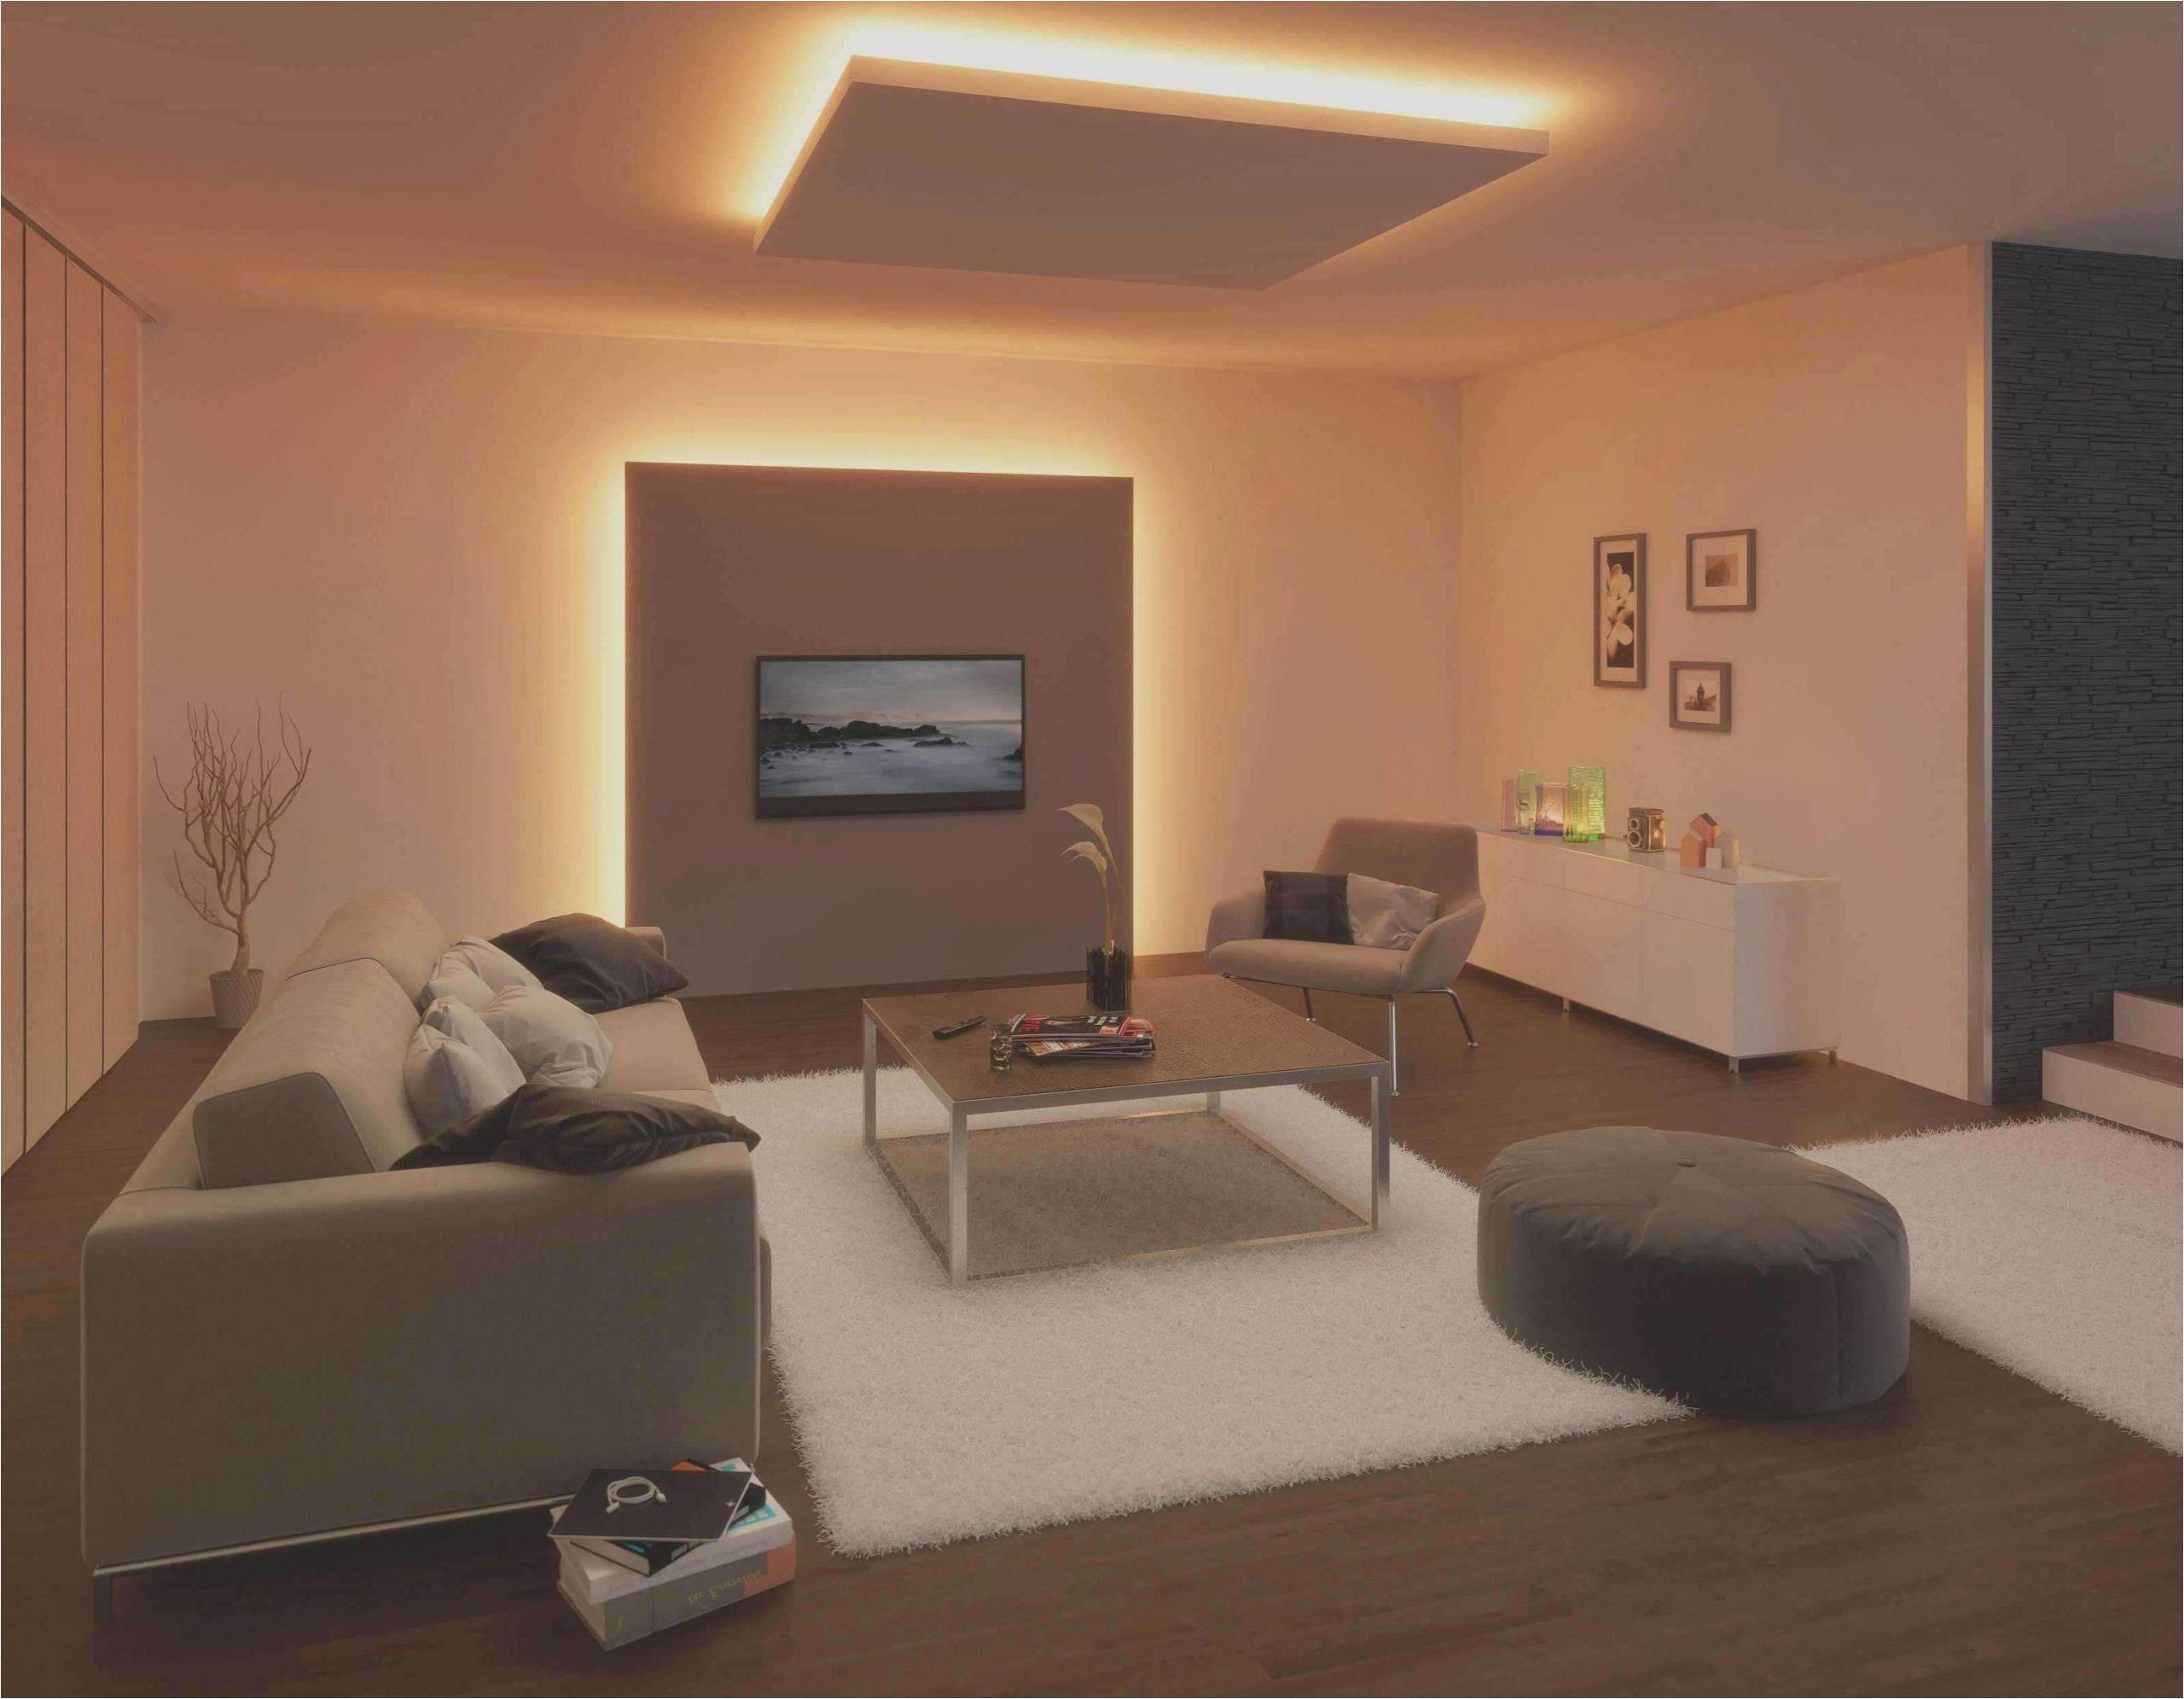 indirekte beleuchtung wohnzimmer wand das beste von einzigartig indirekte beleuchtung wohnzimmer wand of indirekte beleuchtung wohnzimmer wand scaled